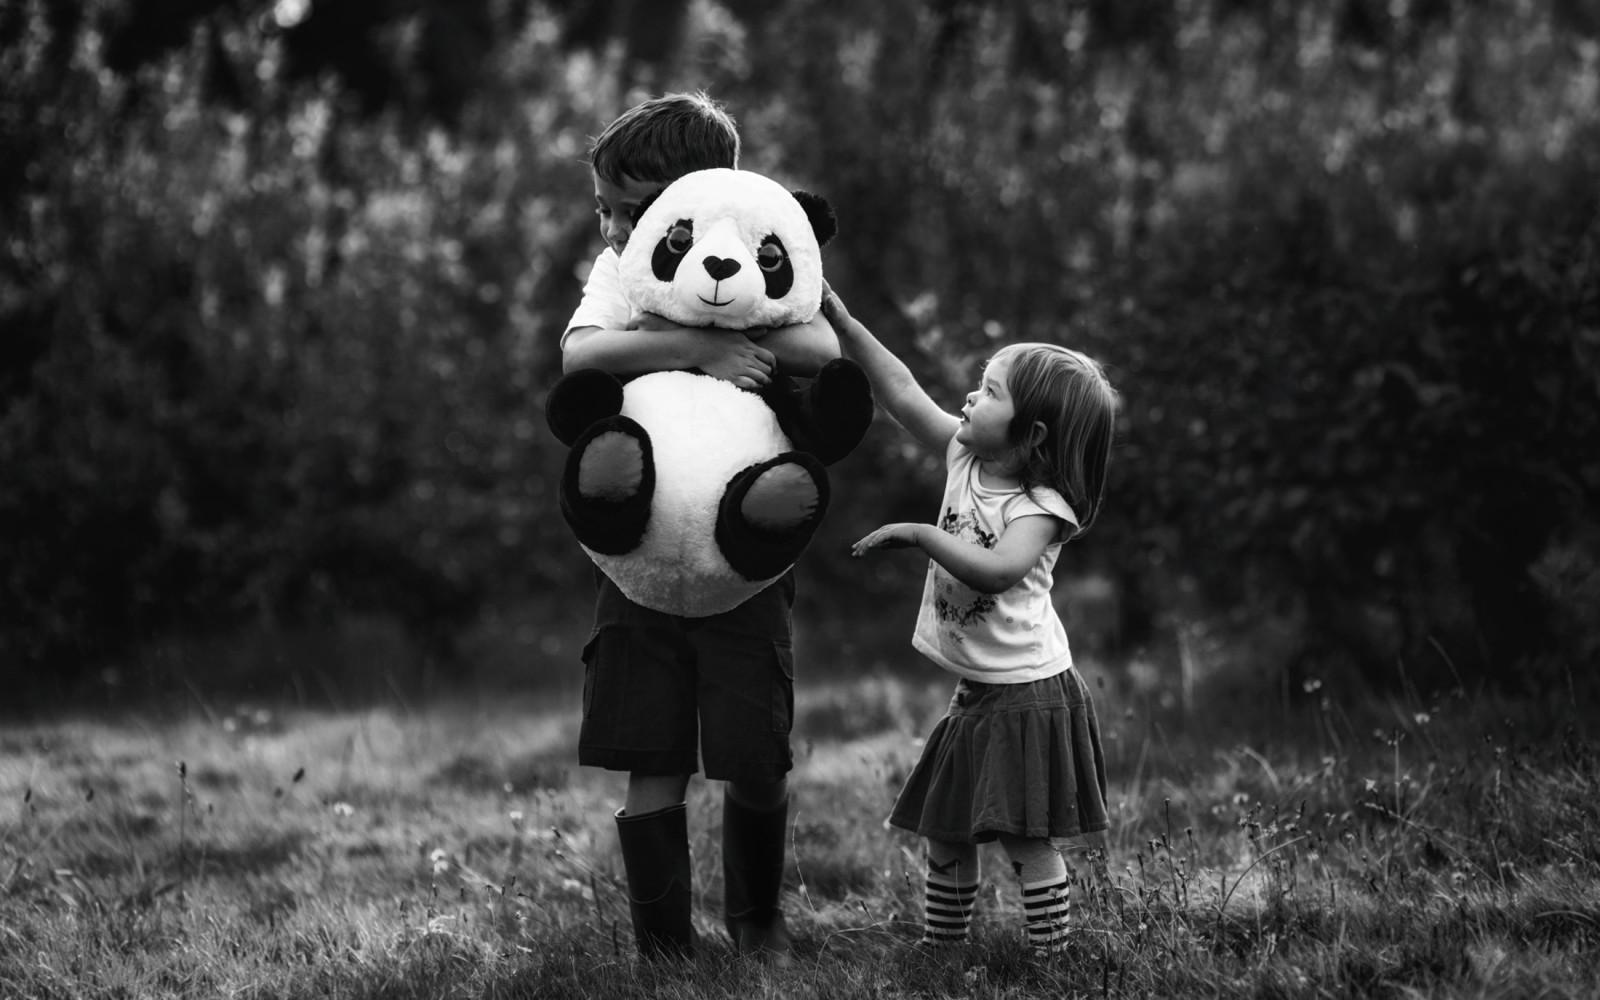 fond d 39 cran fille gar on enfant enfants noir blanc monochrome panda c lin jouet. Black Bedroom Furniture Sets. Home Design Ideas